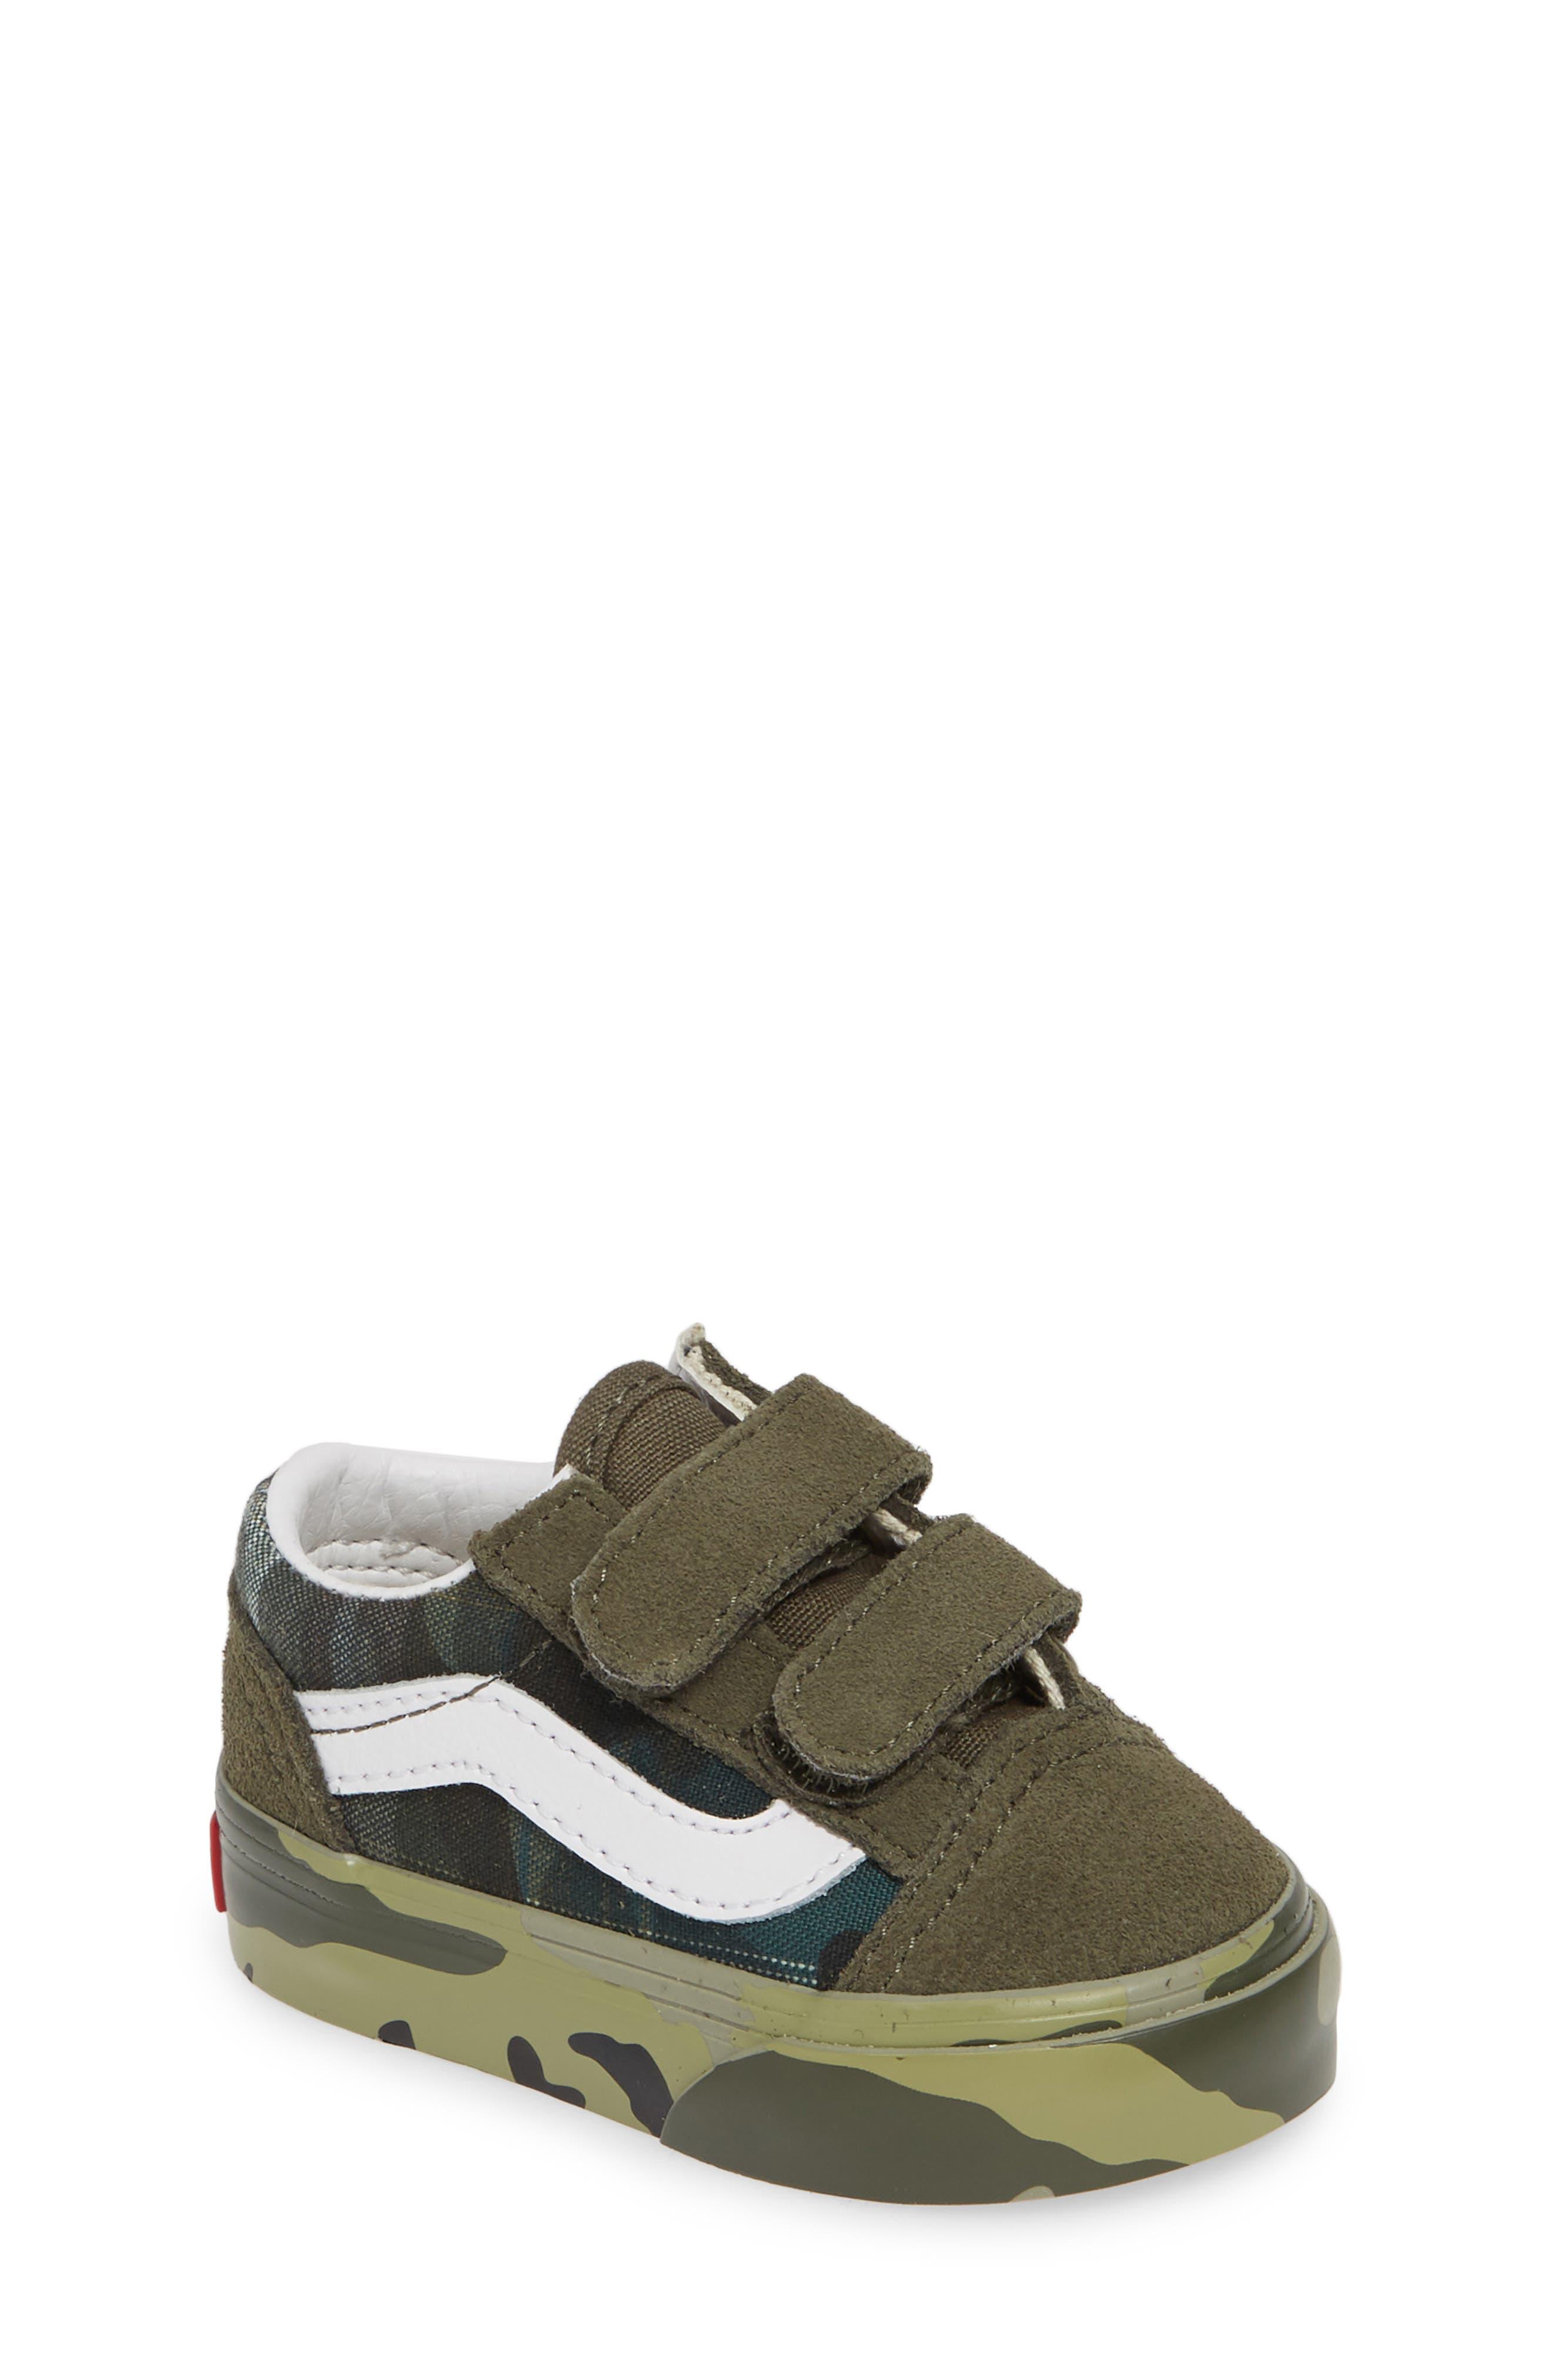 Toddler Boys Vans Old Skool V Sneaker Size 7 M  White